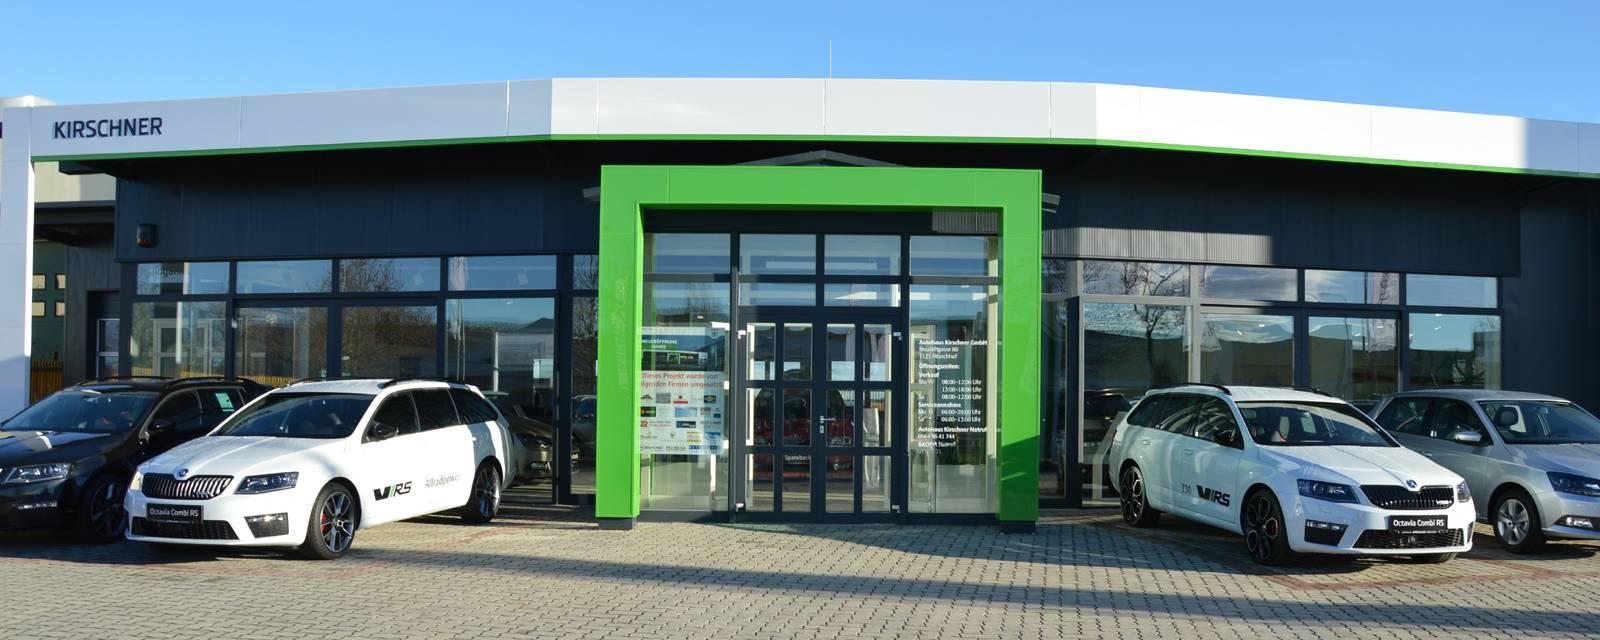 Bild 1 bei Autohaus Kirschner GmbH in 7123 Mönchhof